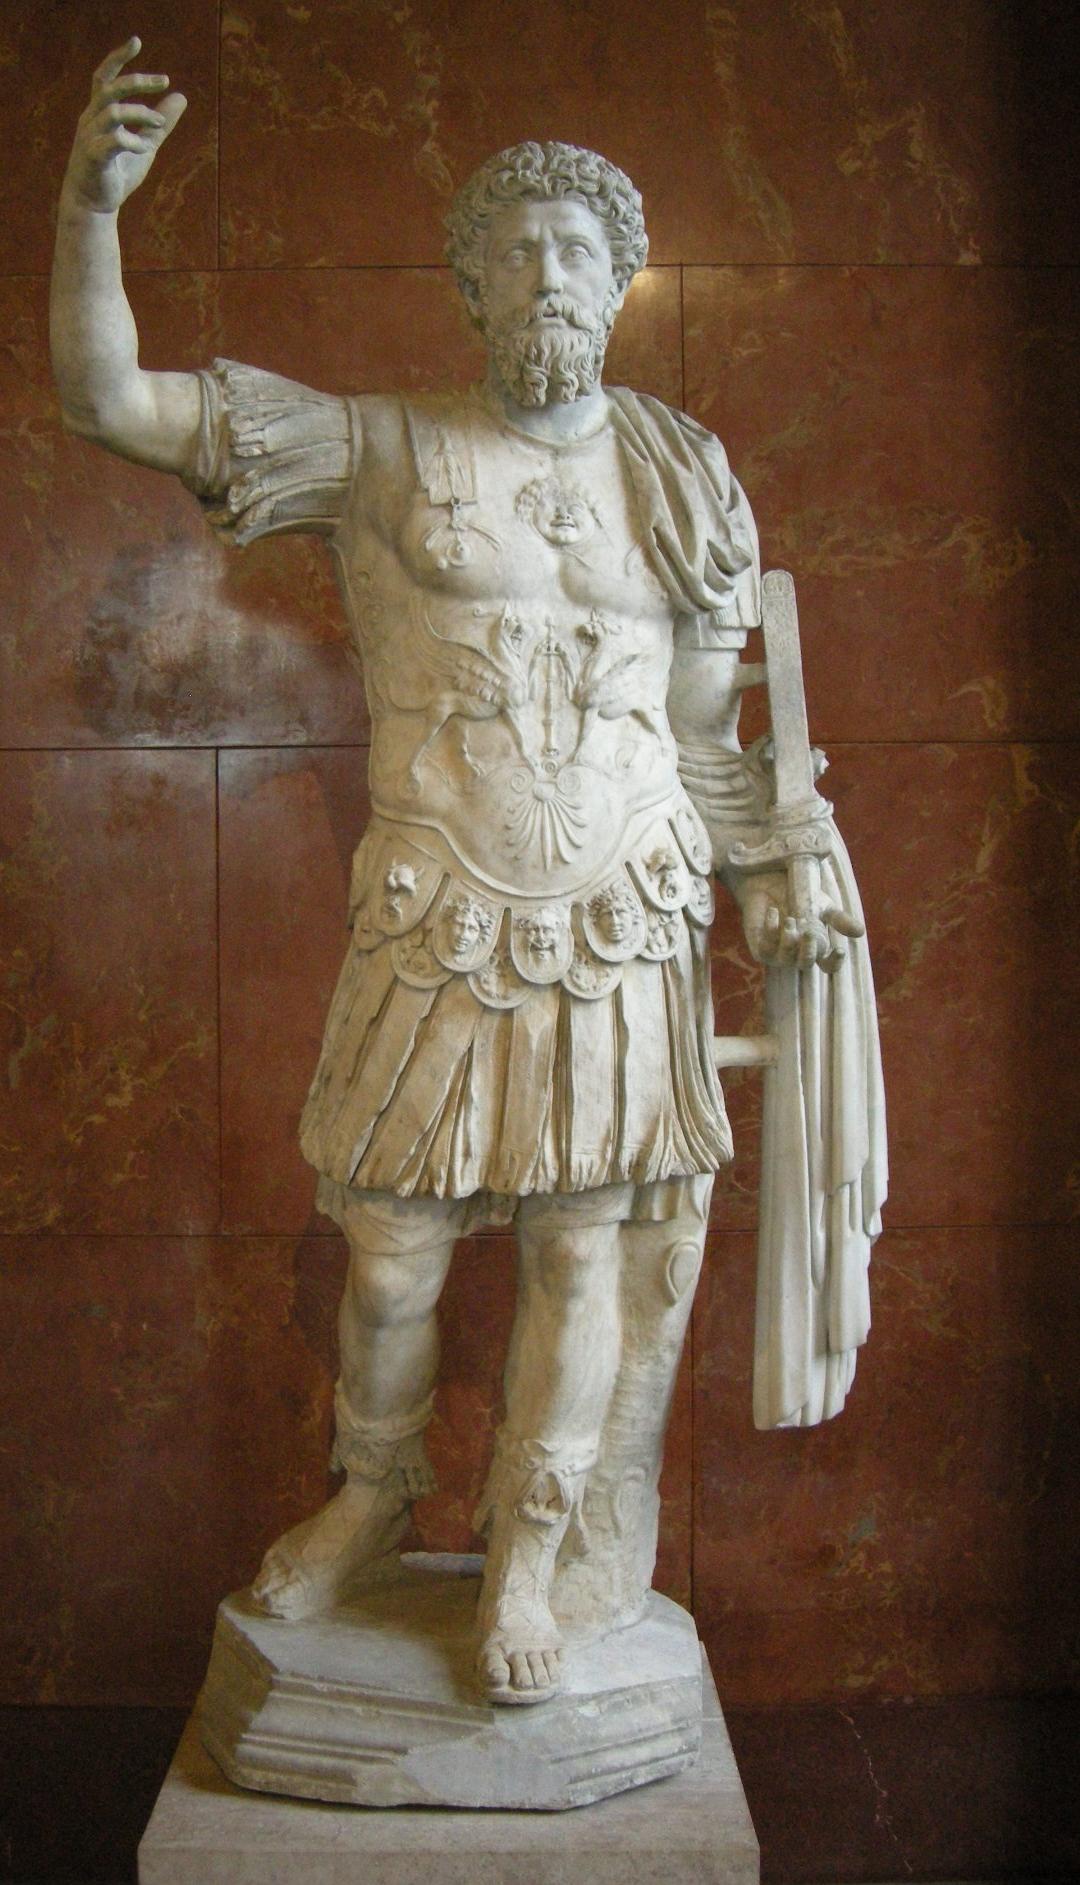 Marcus Aurelius full-length statue in the Louvre